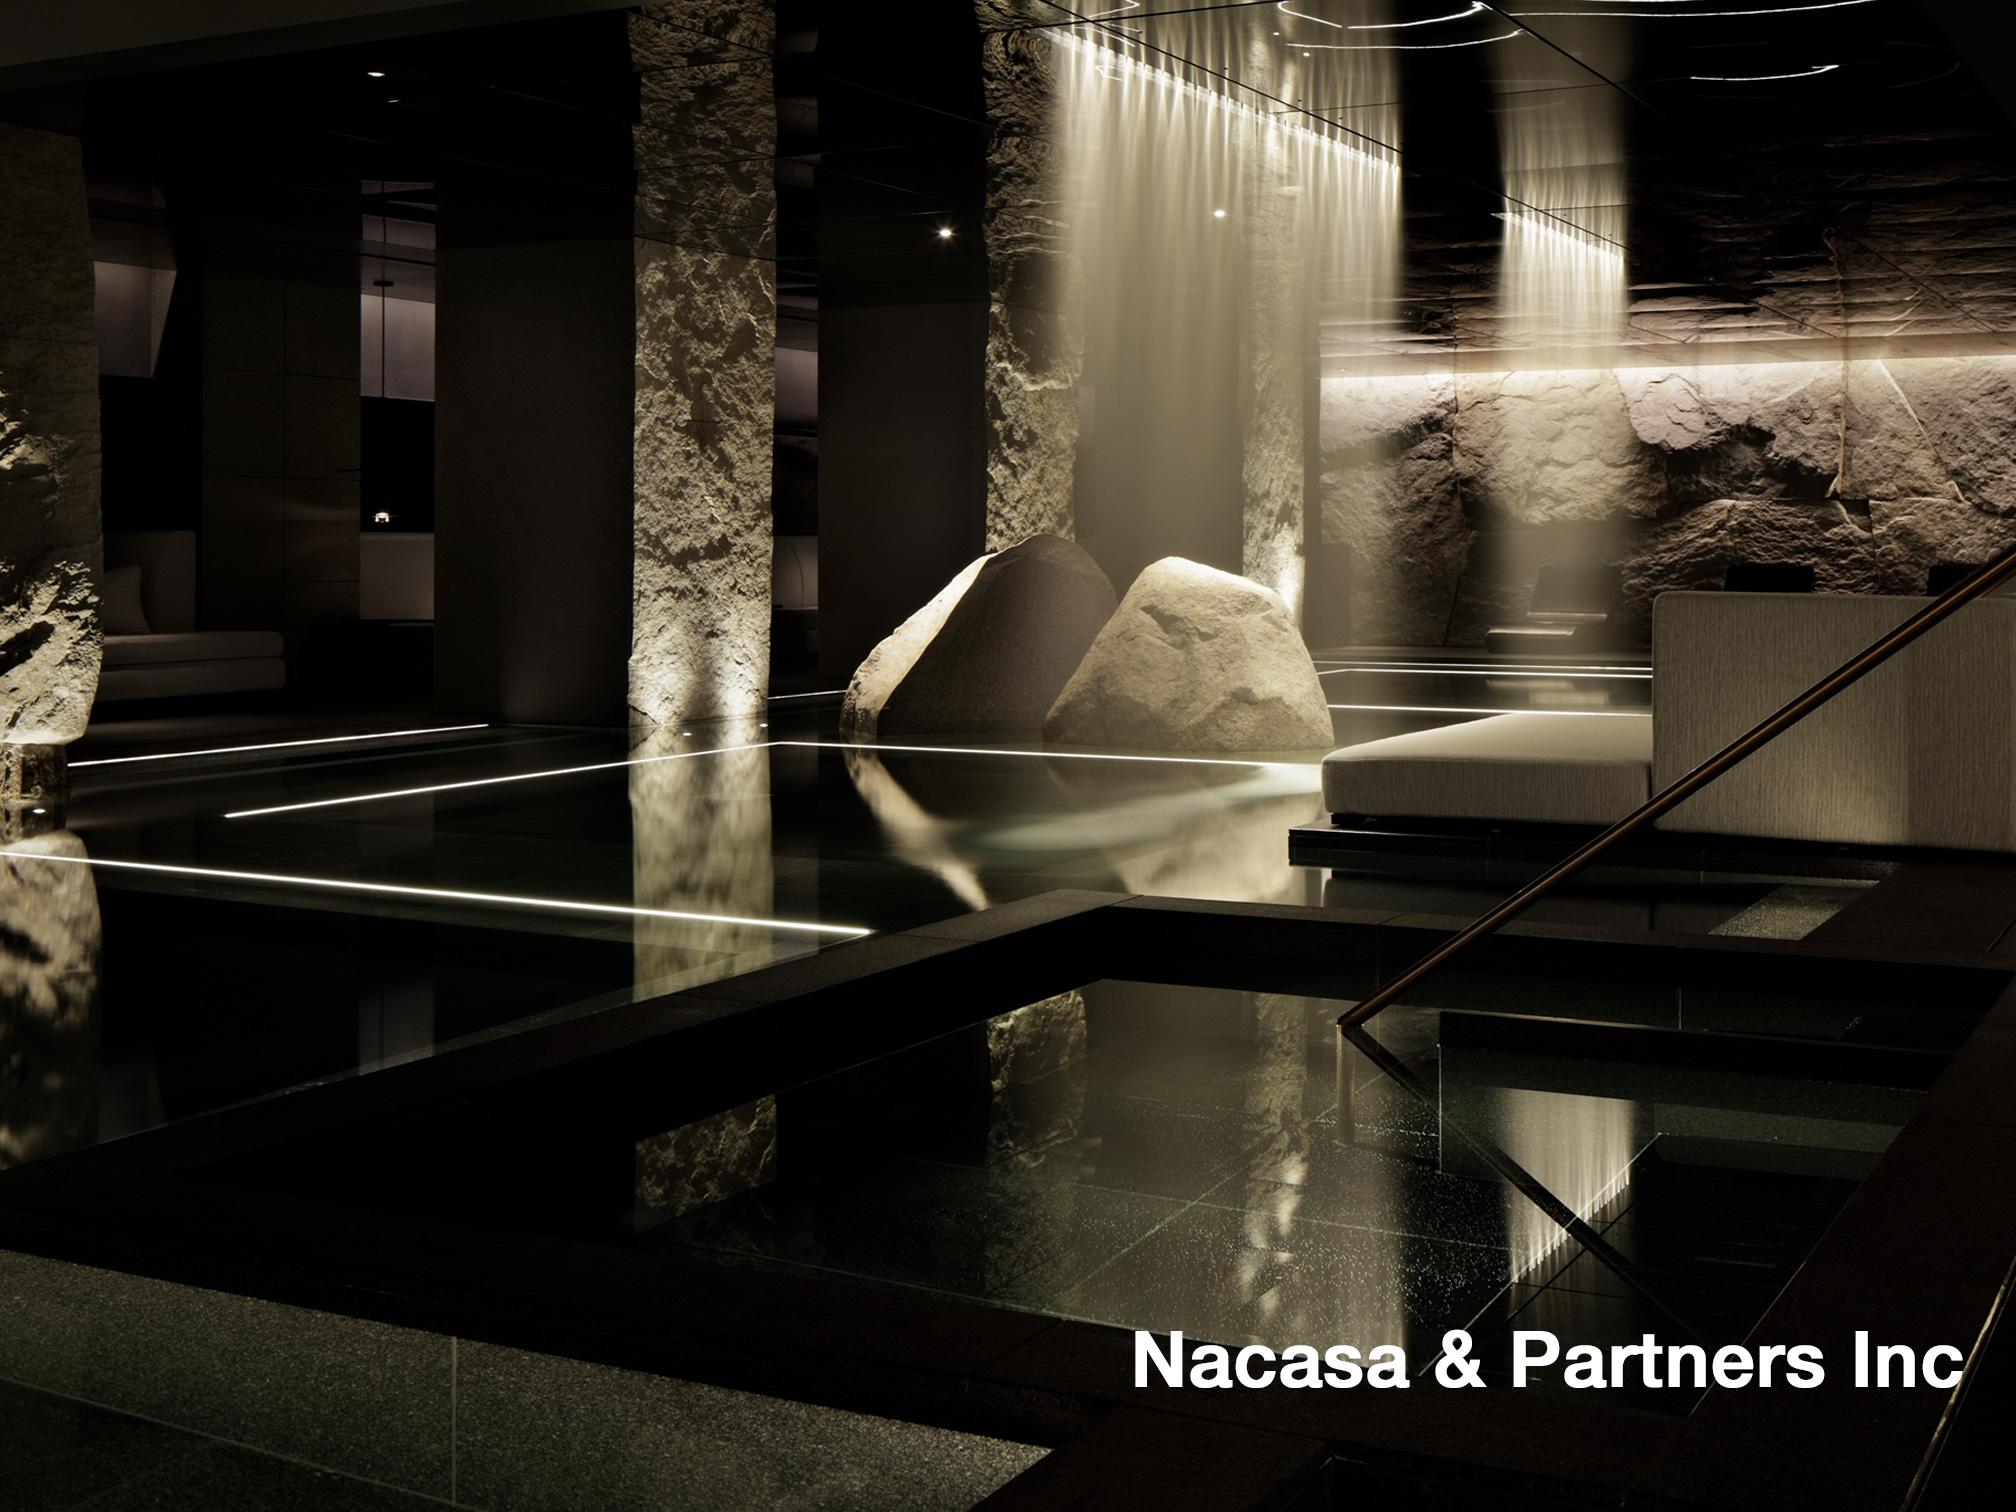 京都新規開業ホテル内温泉施設照明